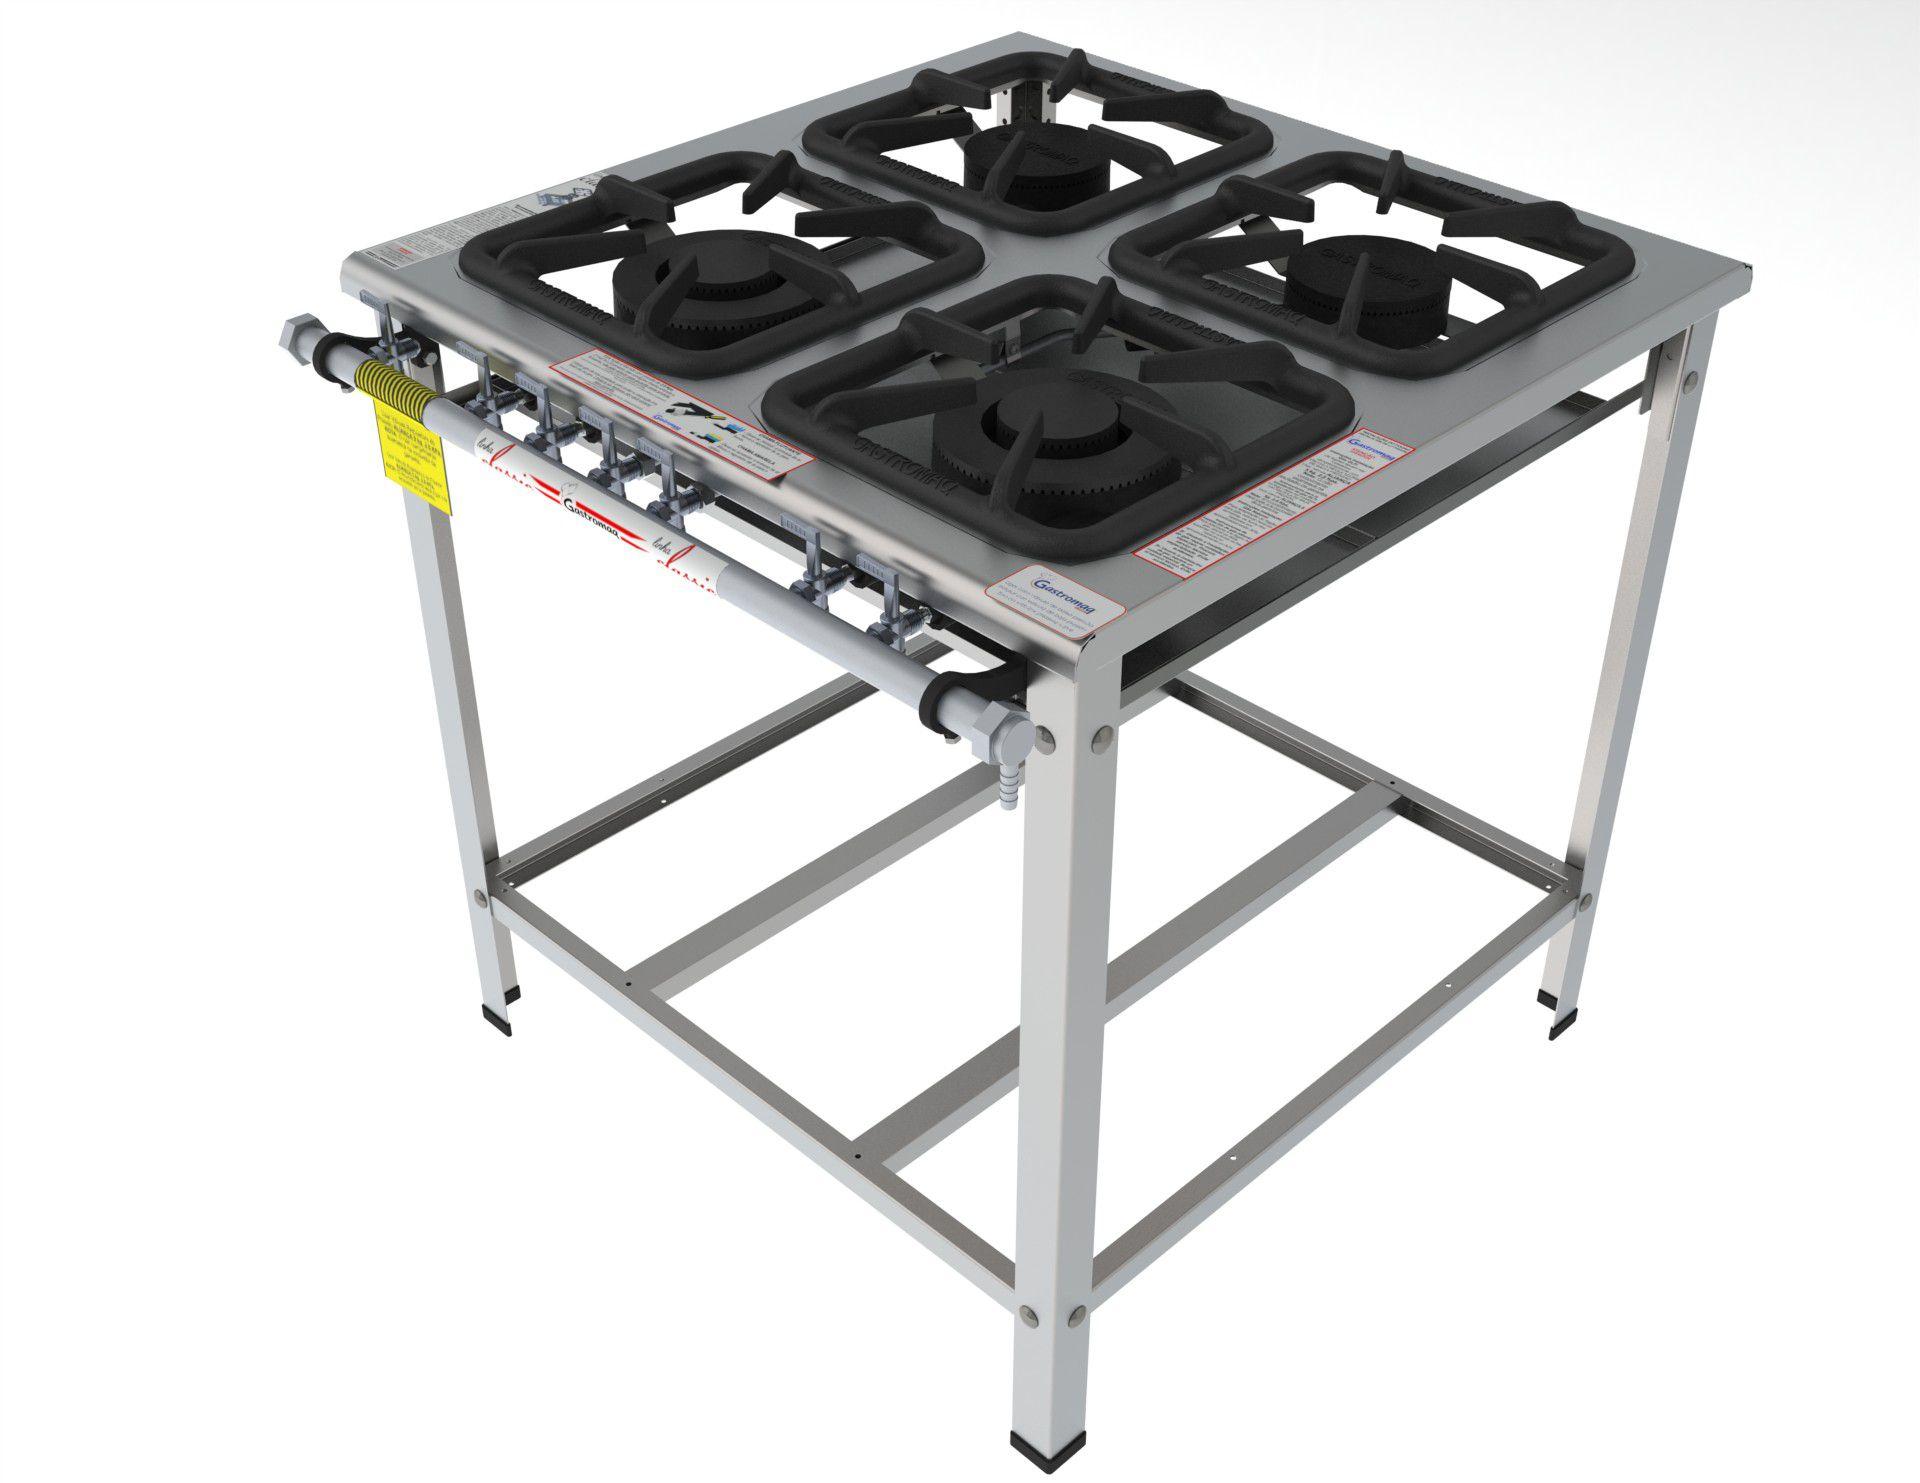 Fogão Industrial a Gás 4 Bocas Aço Inox 430 Gastromaq - FGI 34 EM  - Carmel Equipamentos